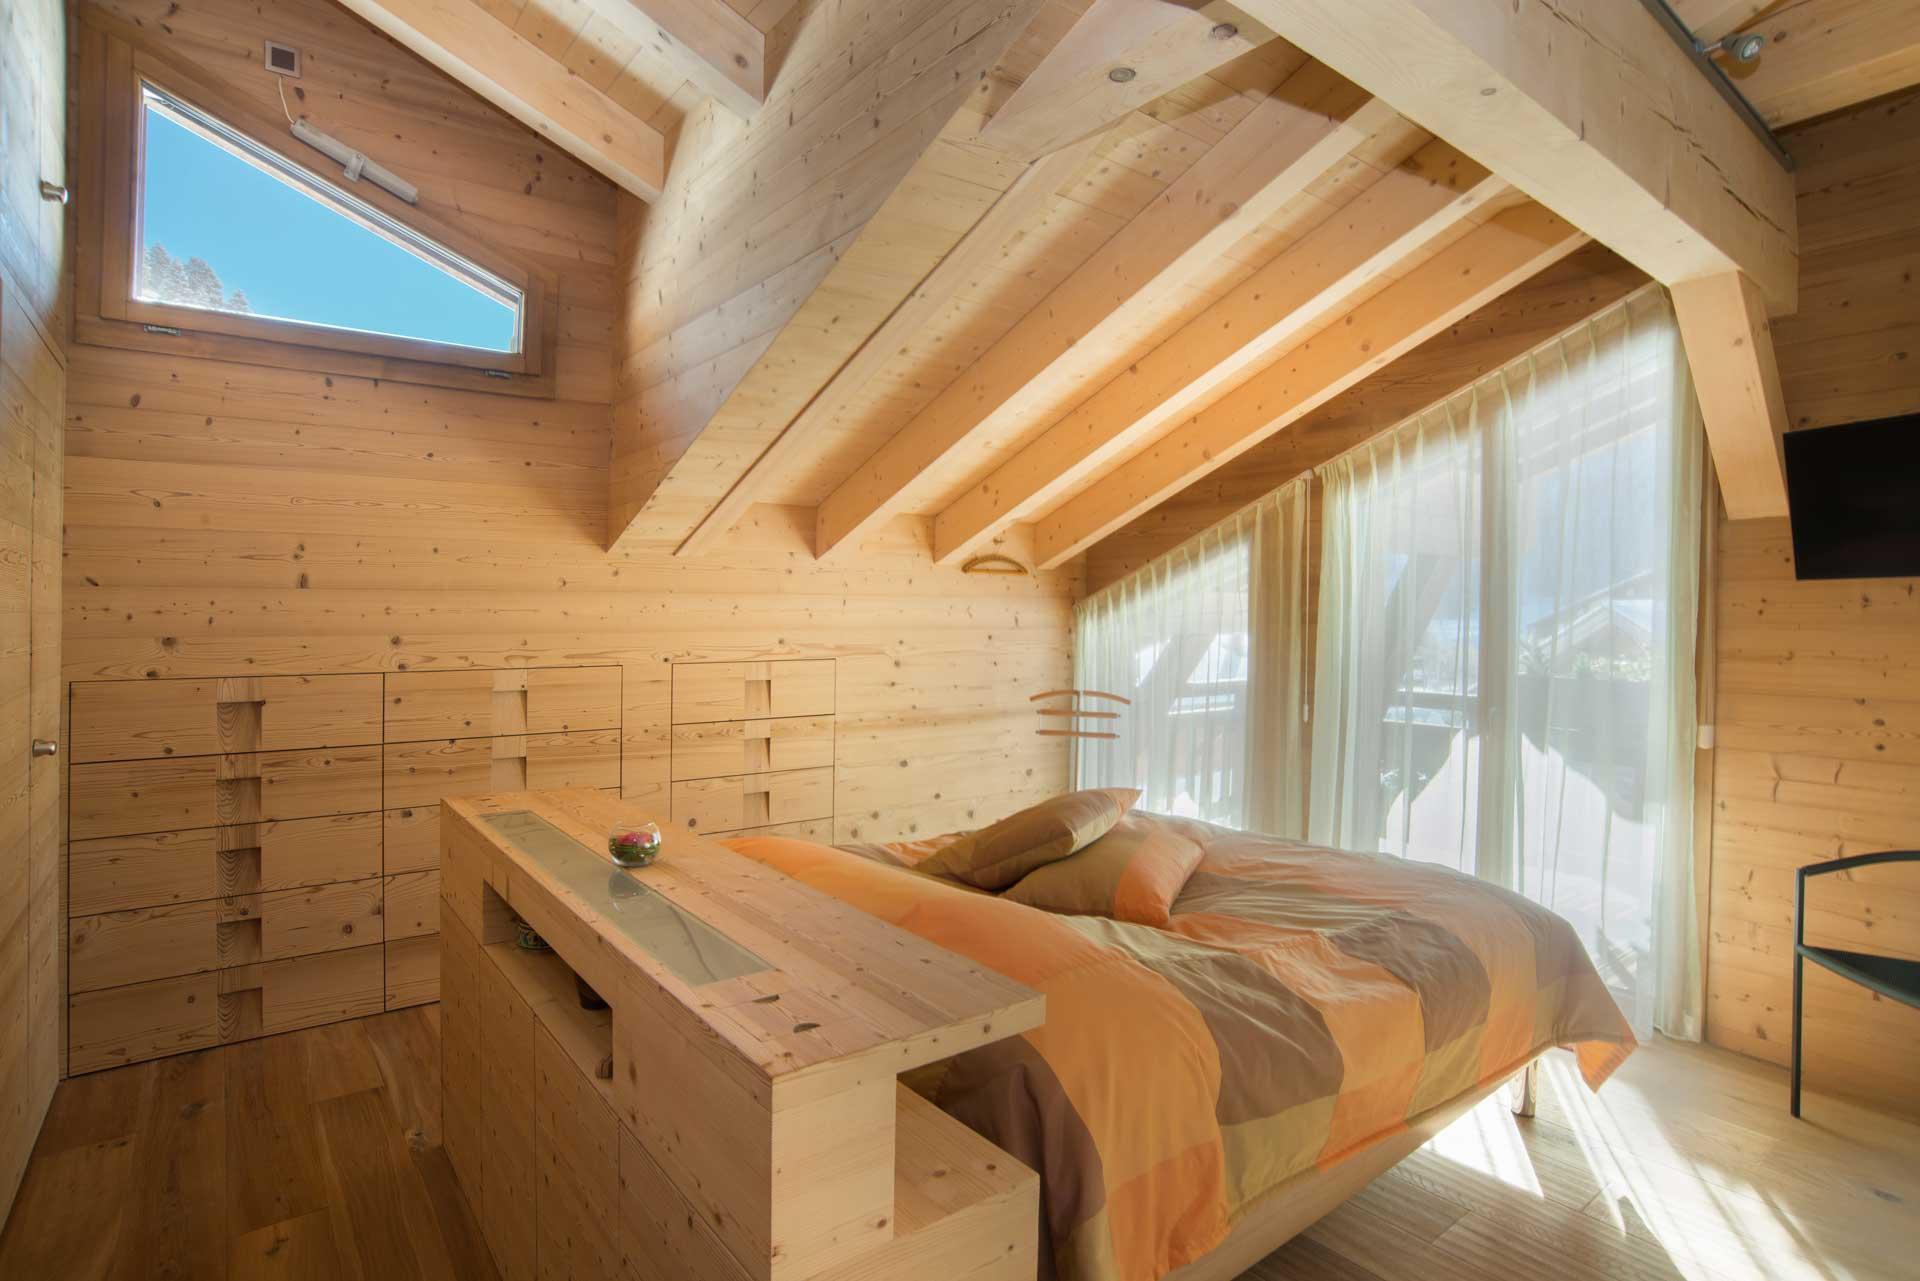 fenetre pour chalet bois gallery of wonderful porte fenetre double vitrage kit chalet en bois. Black Bedroom Furniture Sets. Home Design Ideas